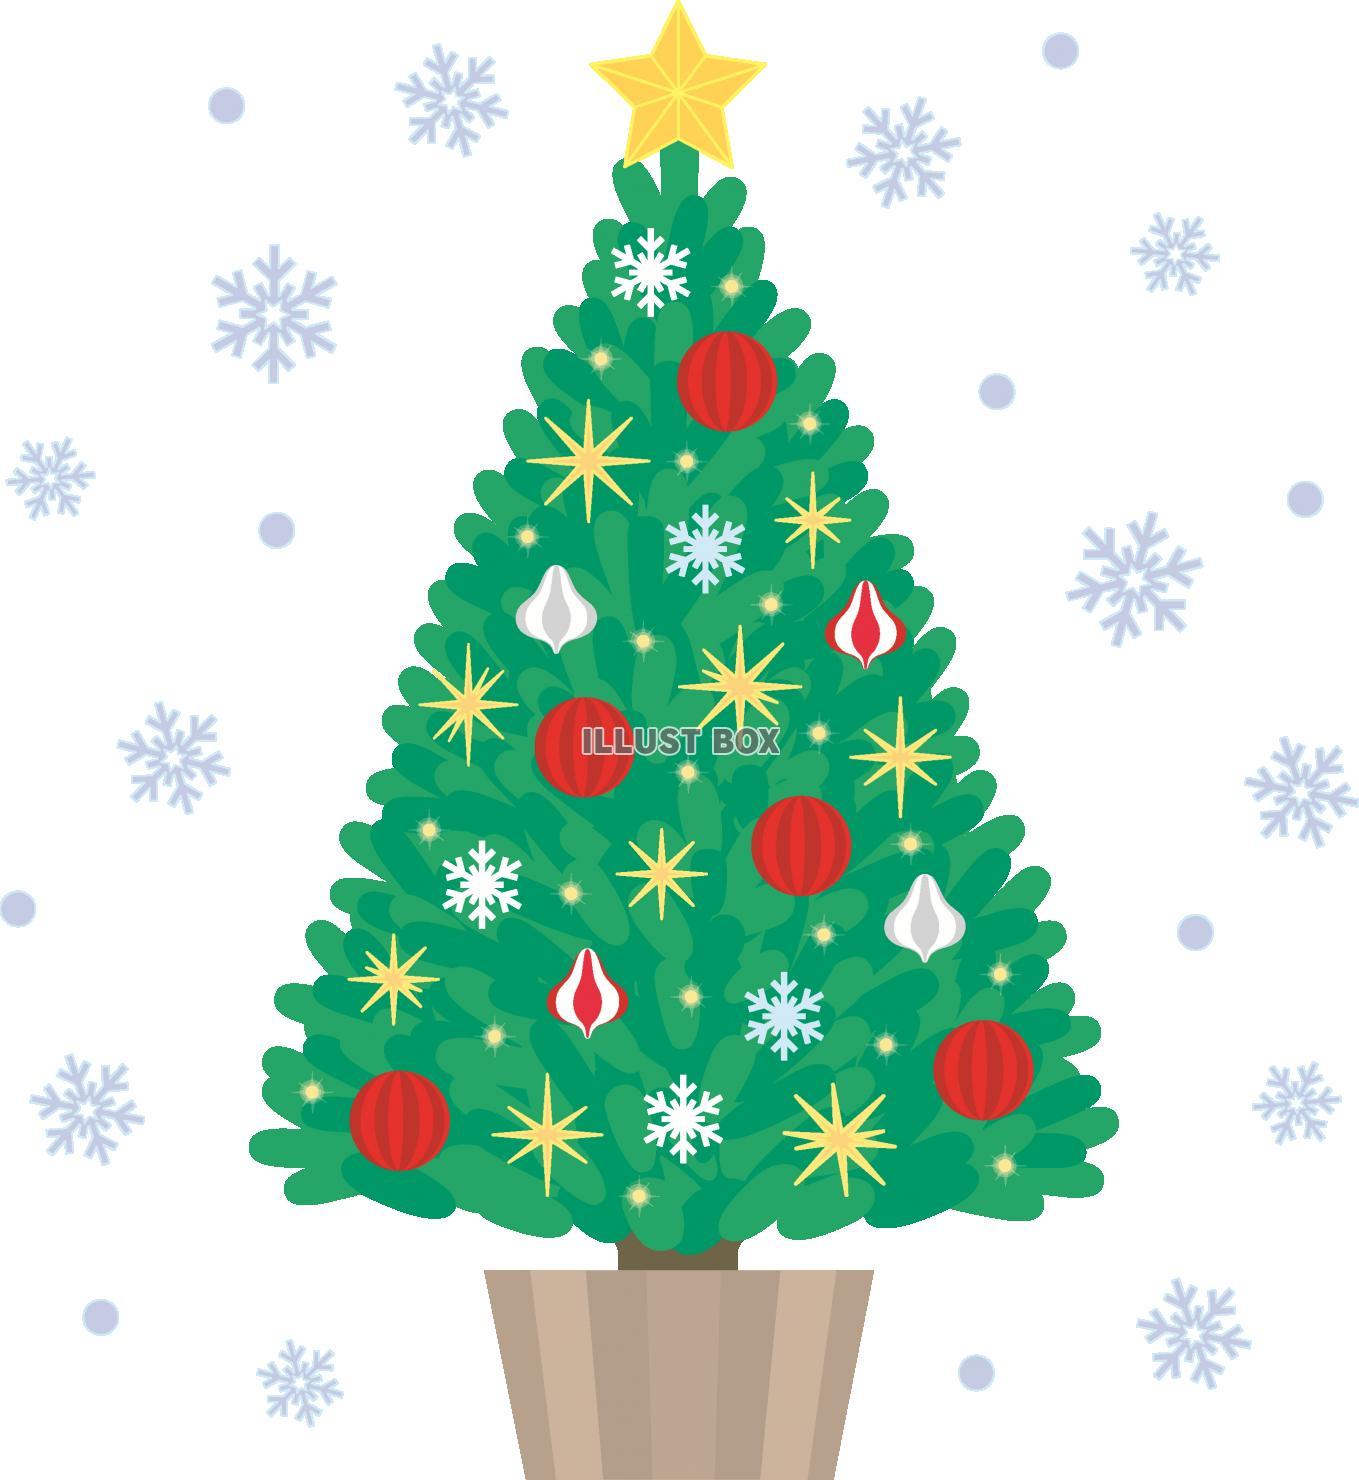 ツリー クリスマス イラスト フリー